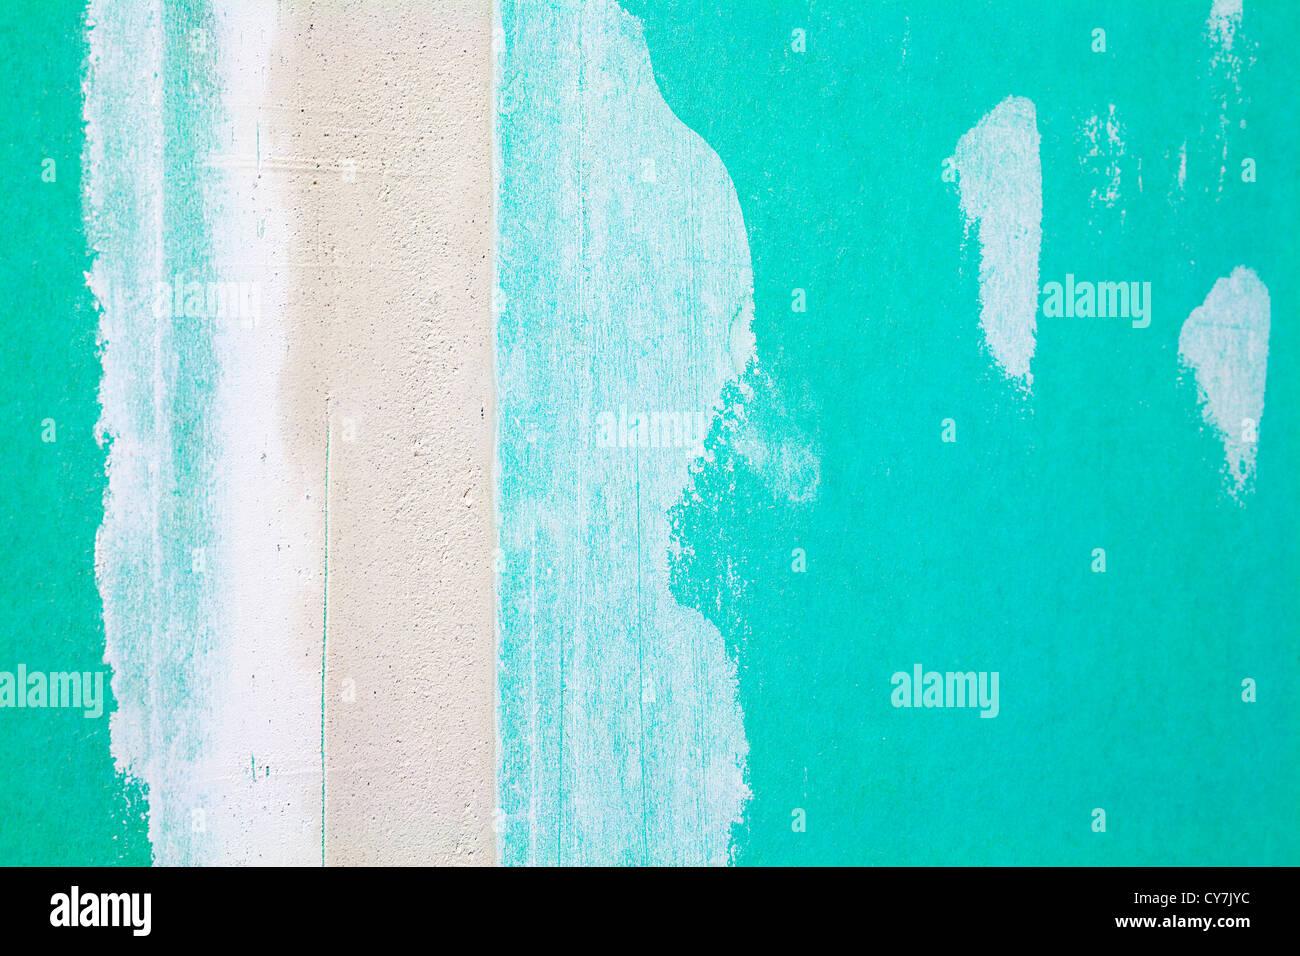 nahaufnahme von einer grünen gips rigipswand als architektur